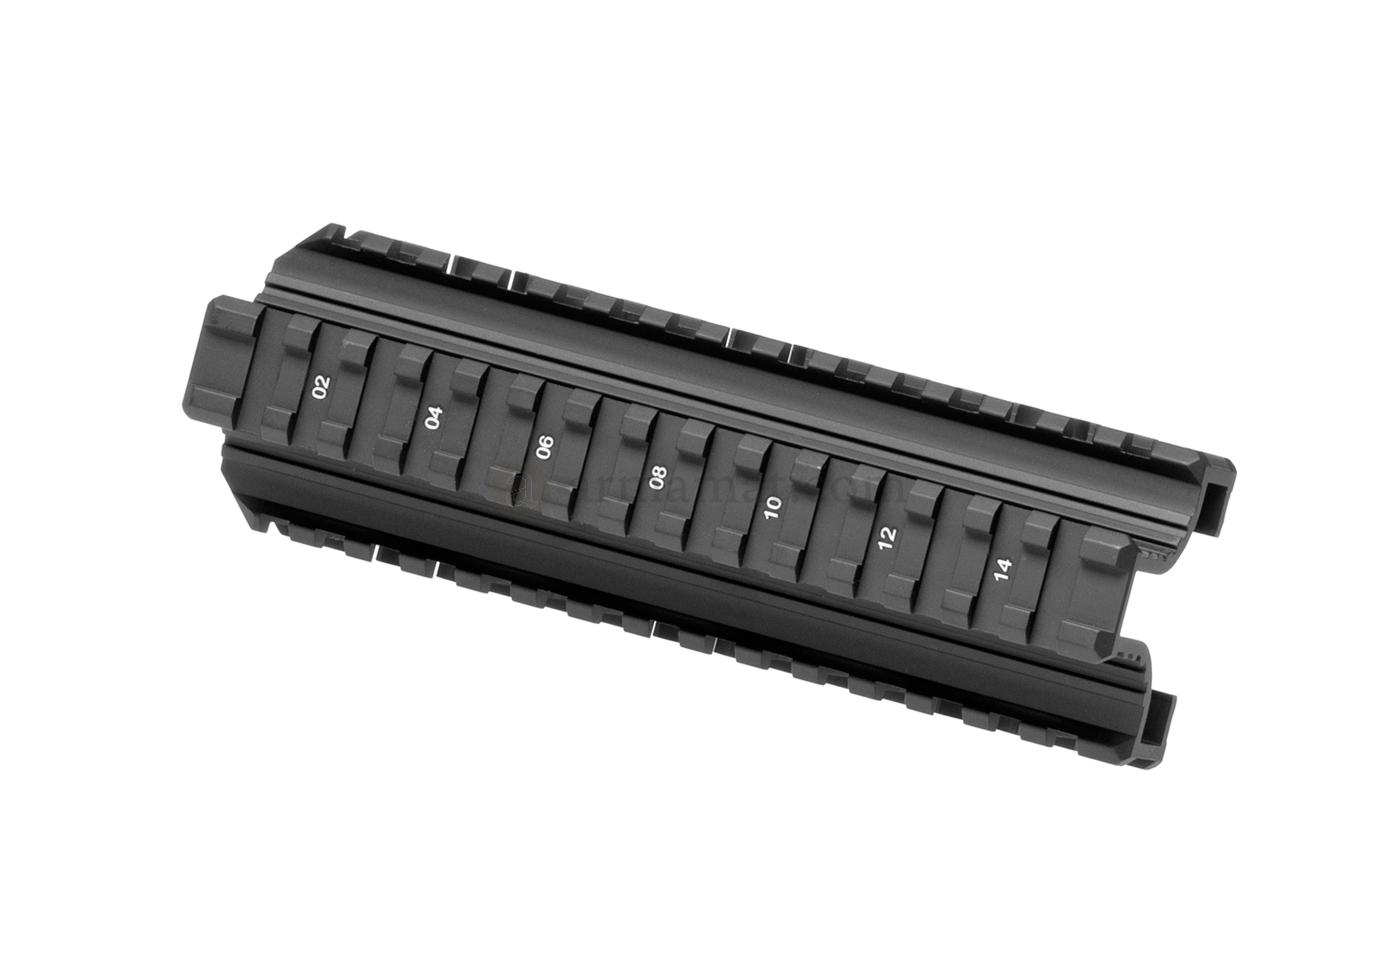 Ak47 yu quad rail handguard leapers schienensysteme handschutz